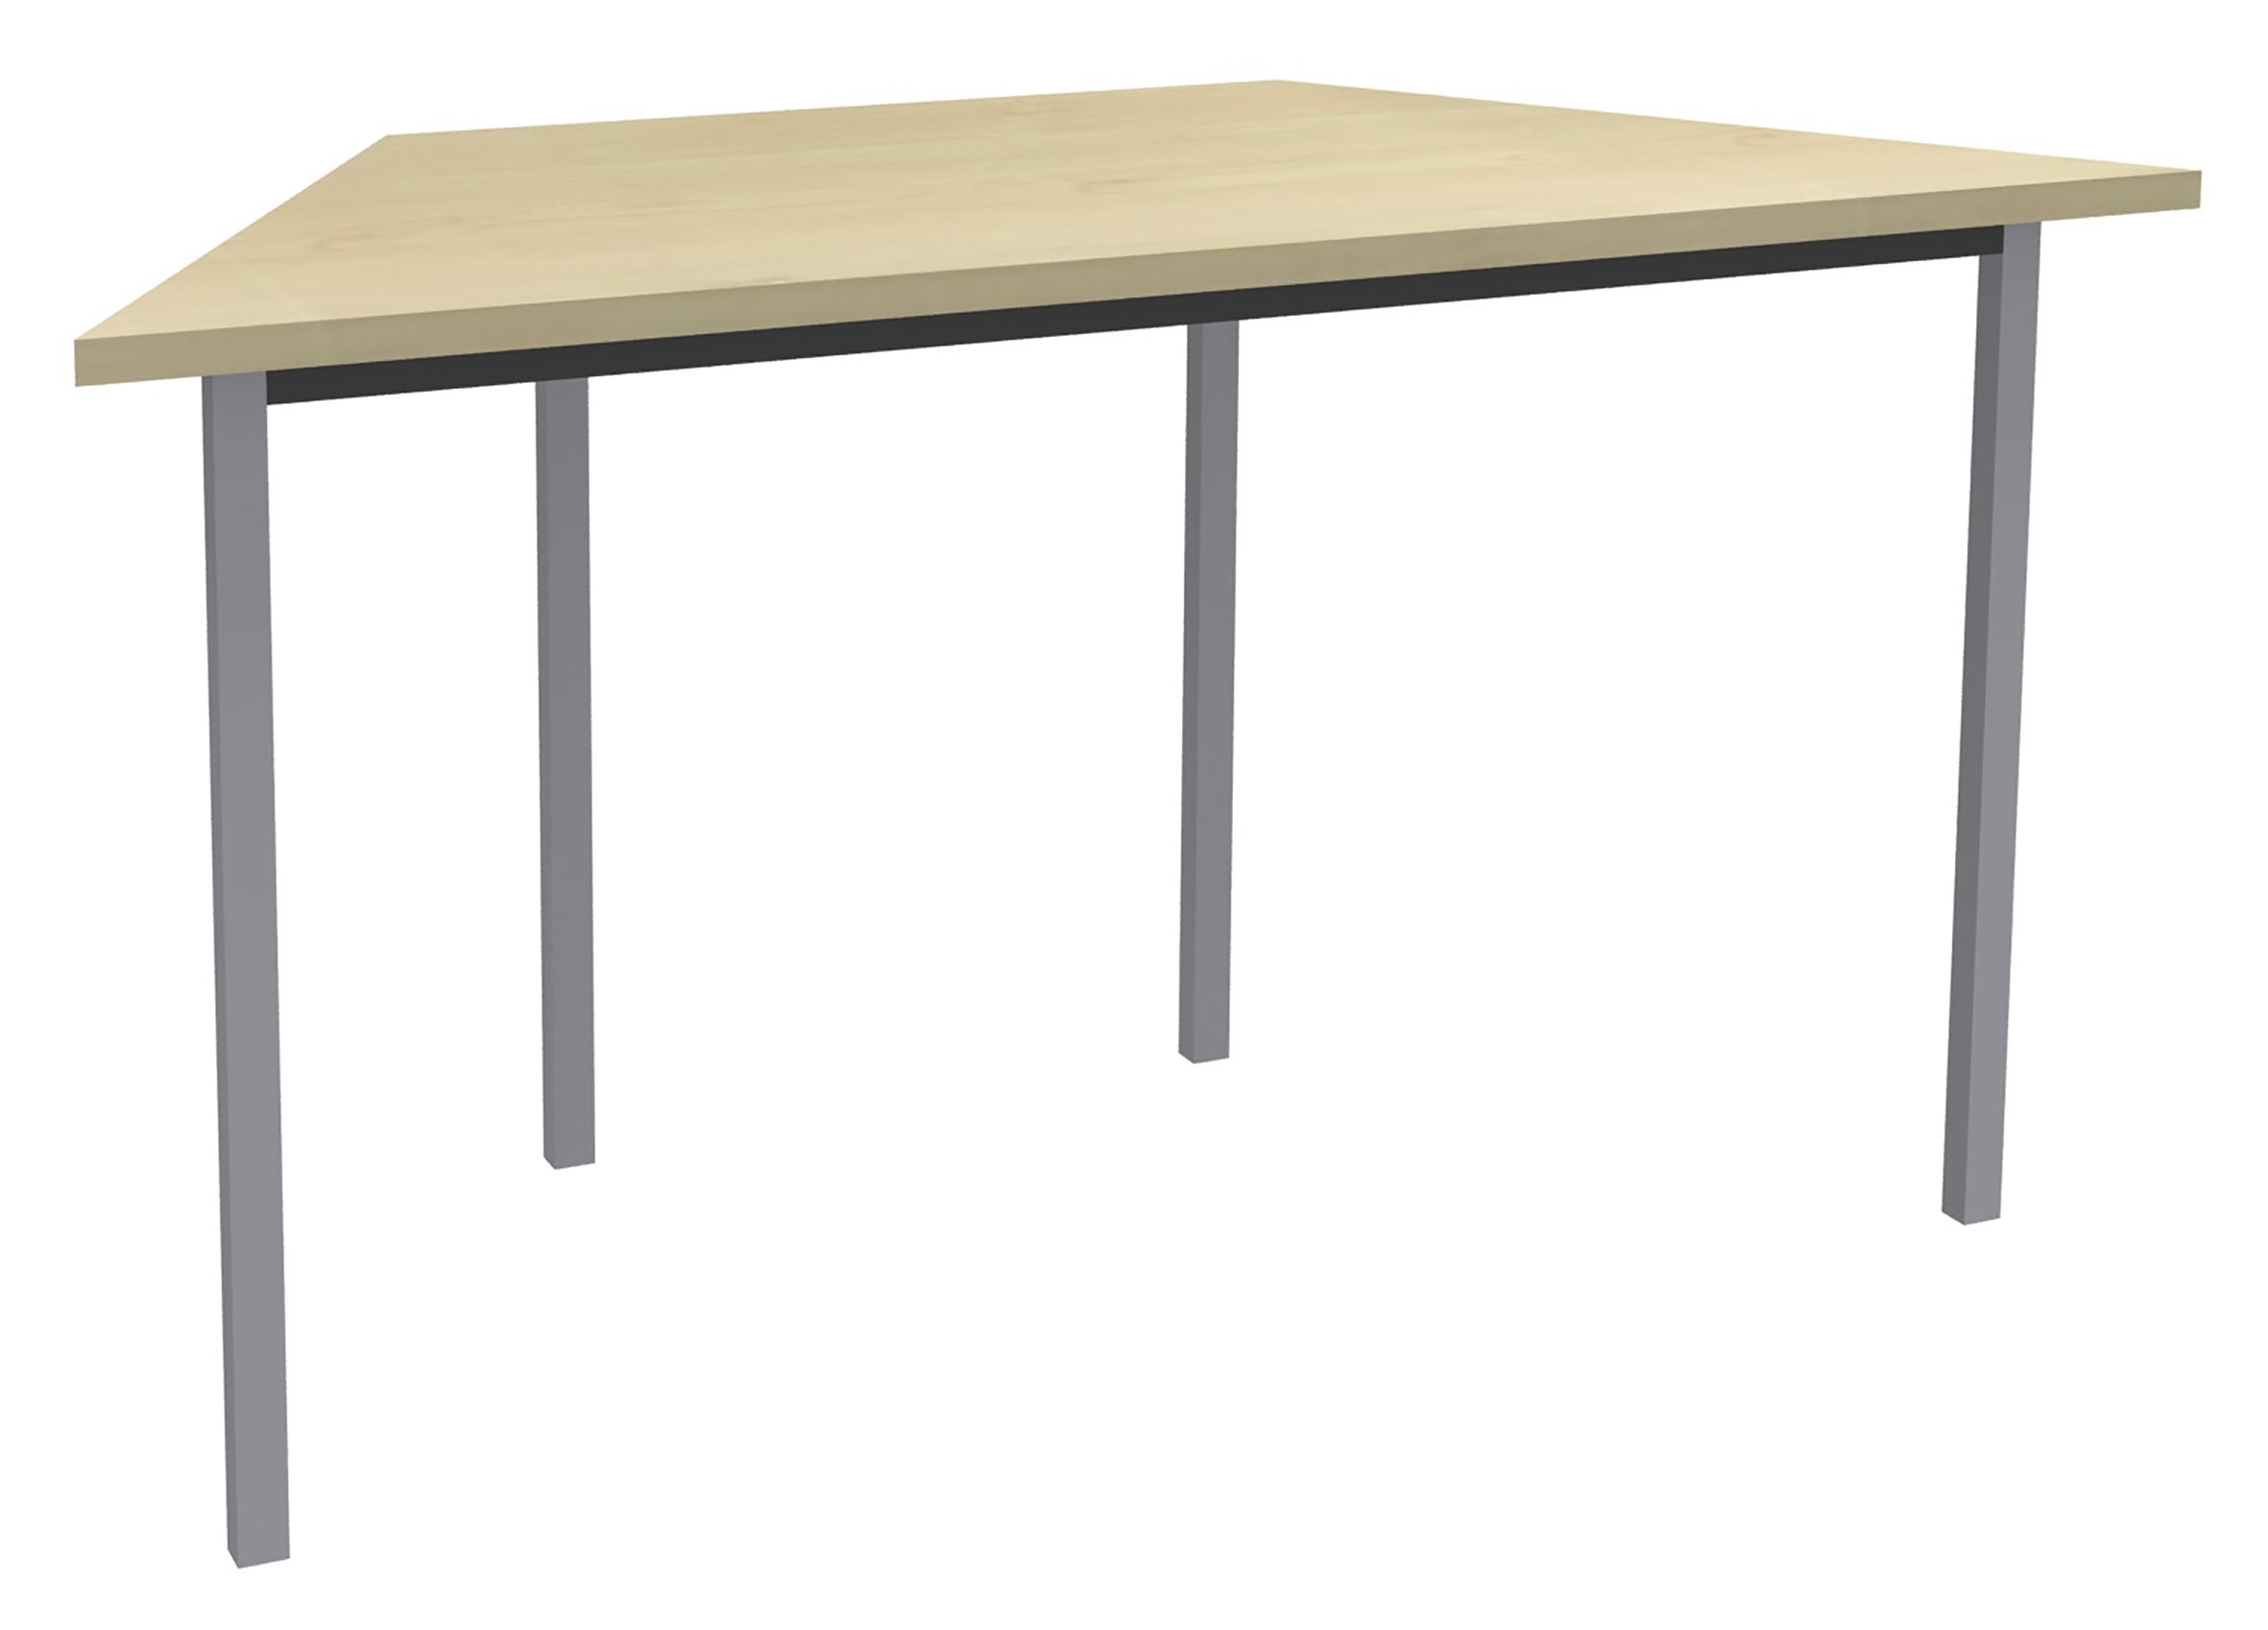 Table de réunion Trapèze - 120 x 60 cm - Pieds aluminium - imitation Erable